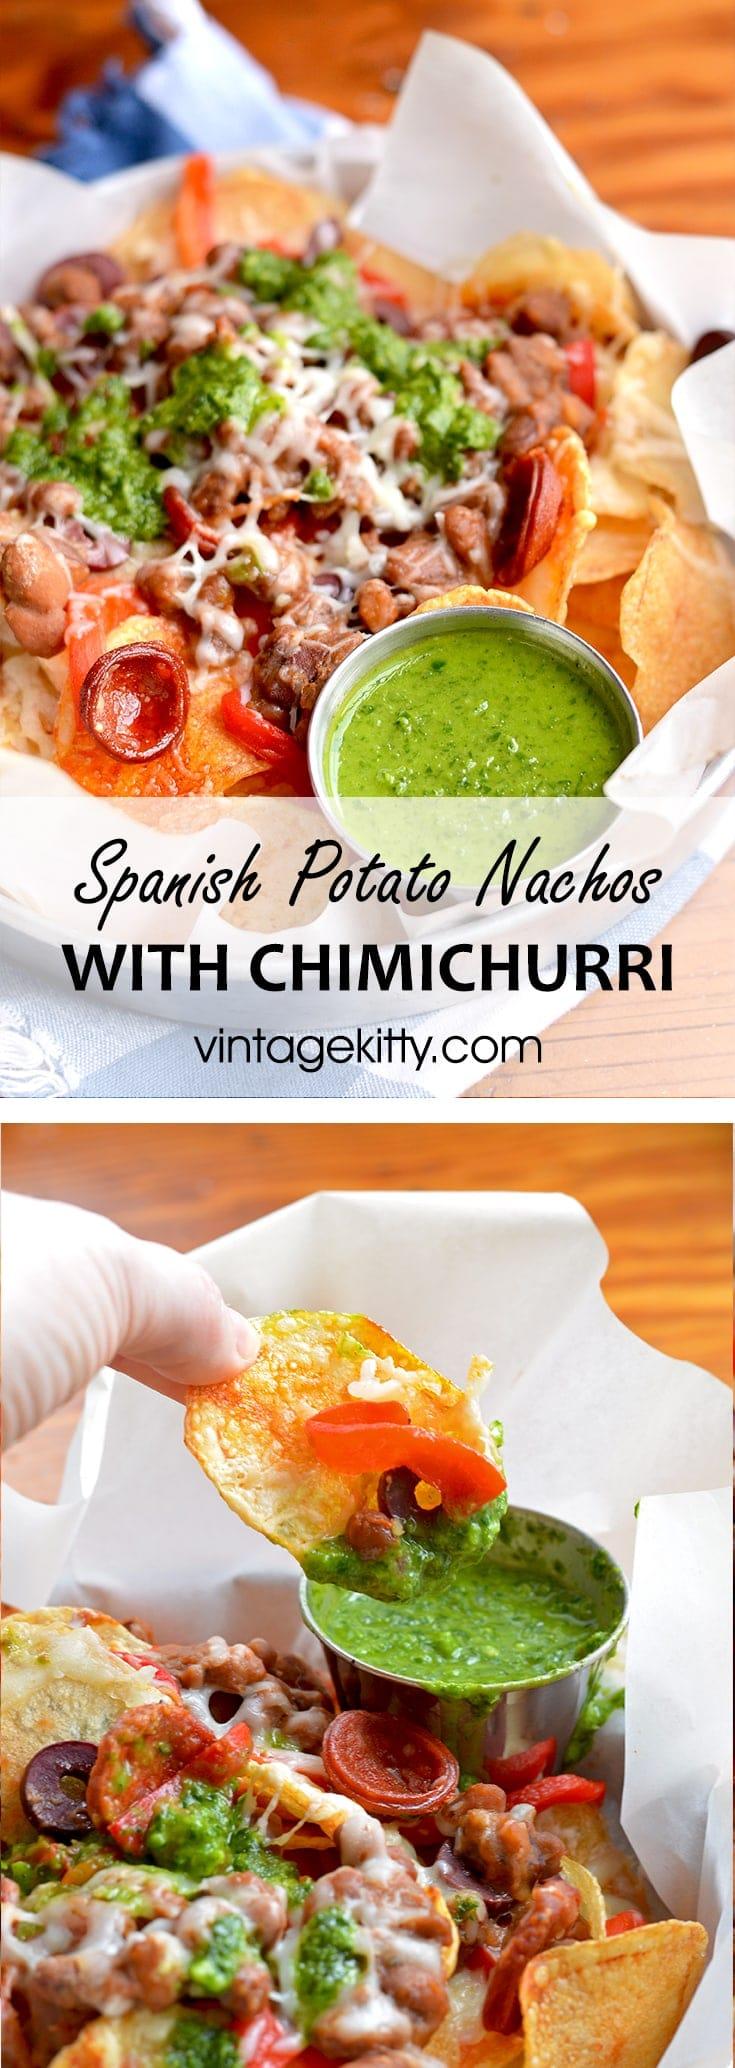 Spanish Potato Nachos Pin - Spanish Potato Nachos with Chimichurri